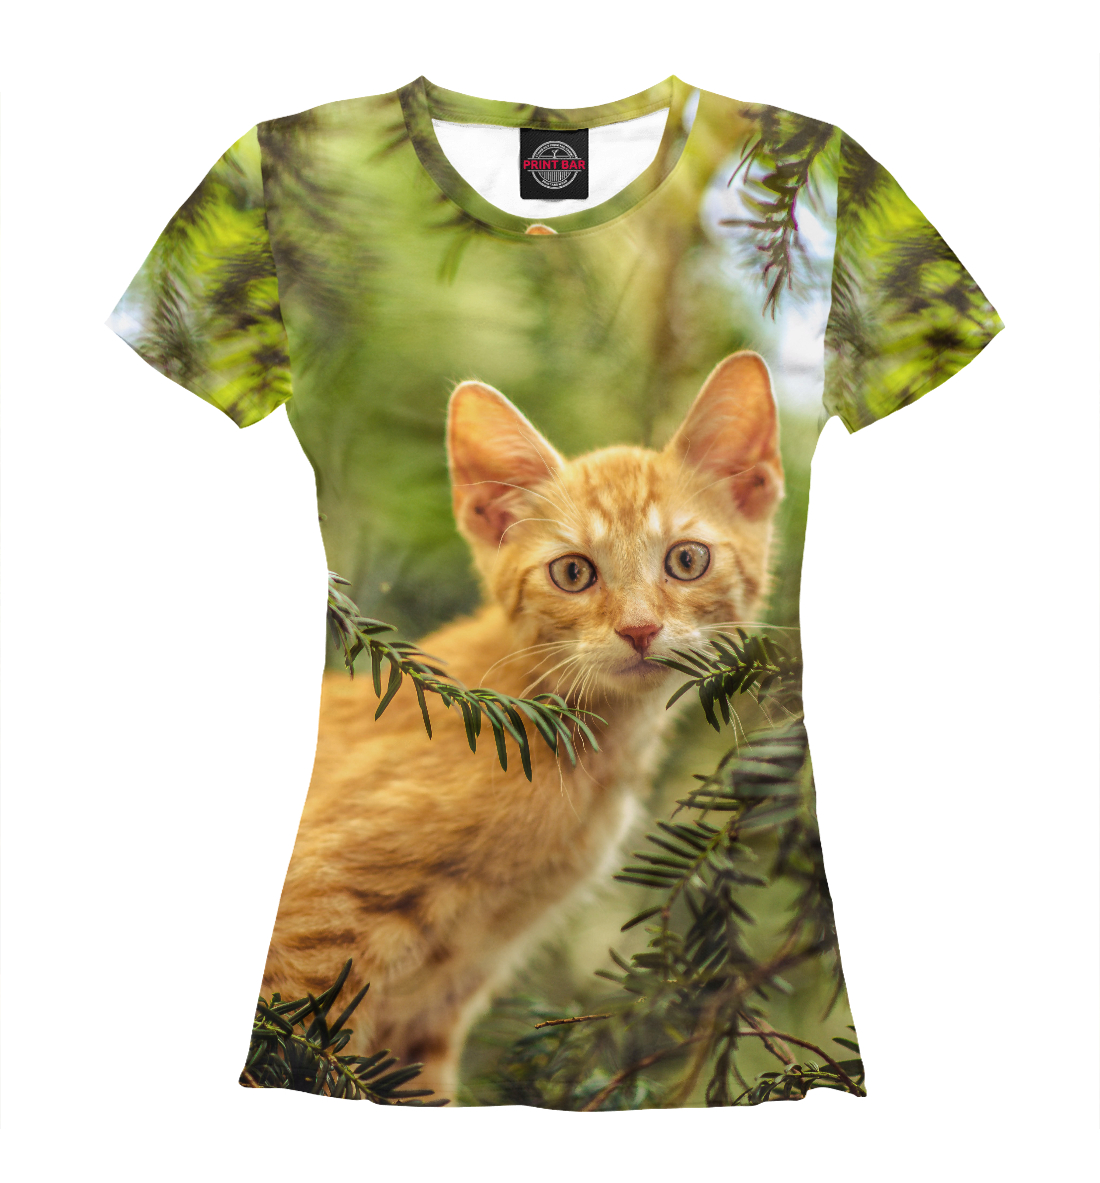 хлопчатобумажная панама фото футболок женских с кошками говорить липоидной дуге